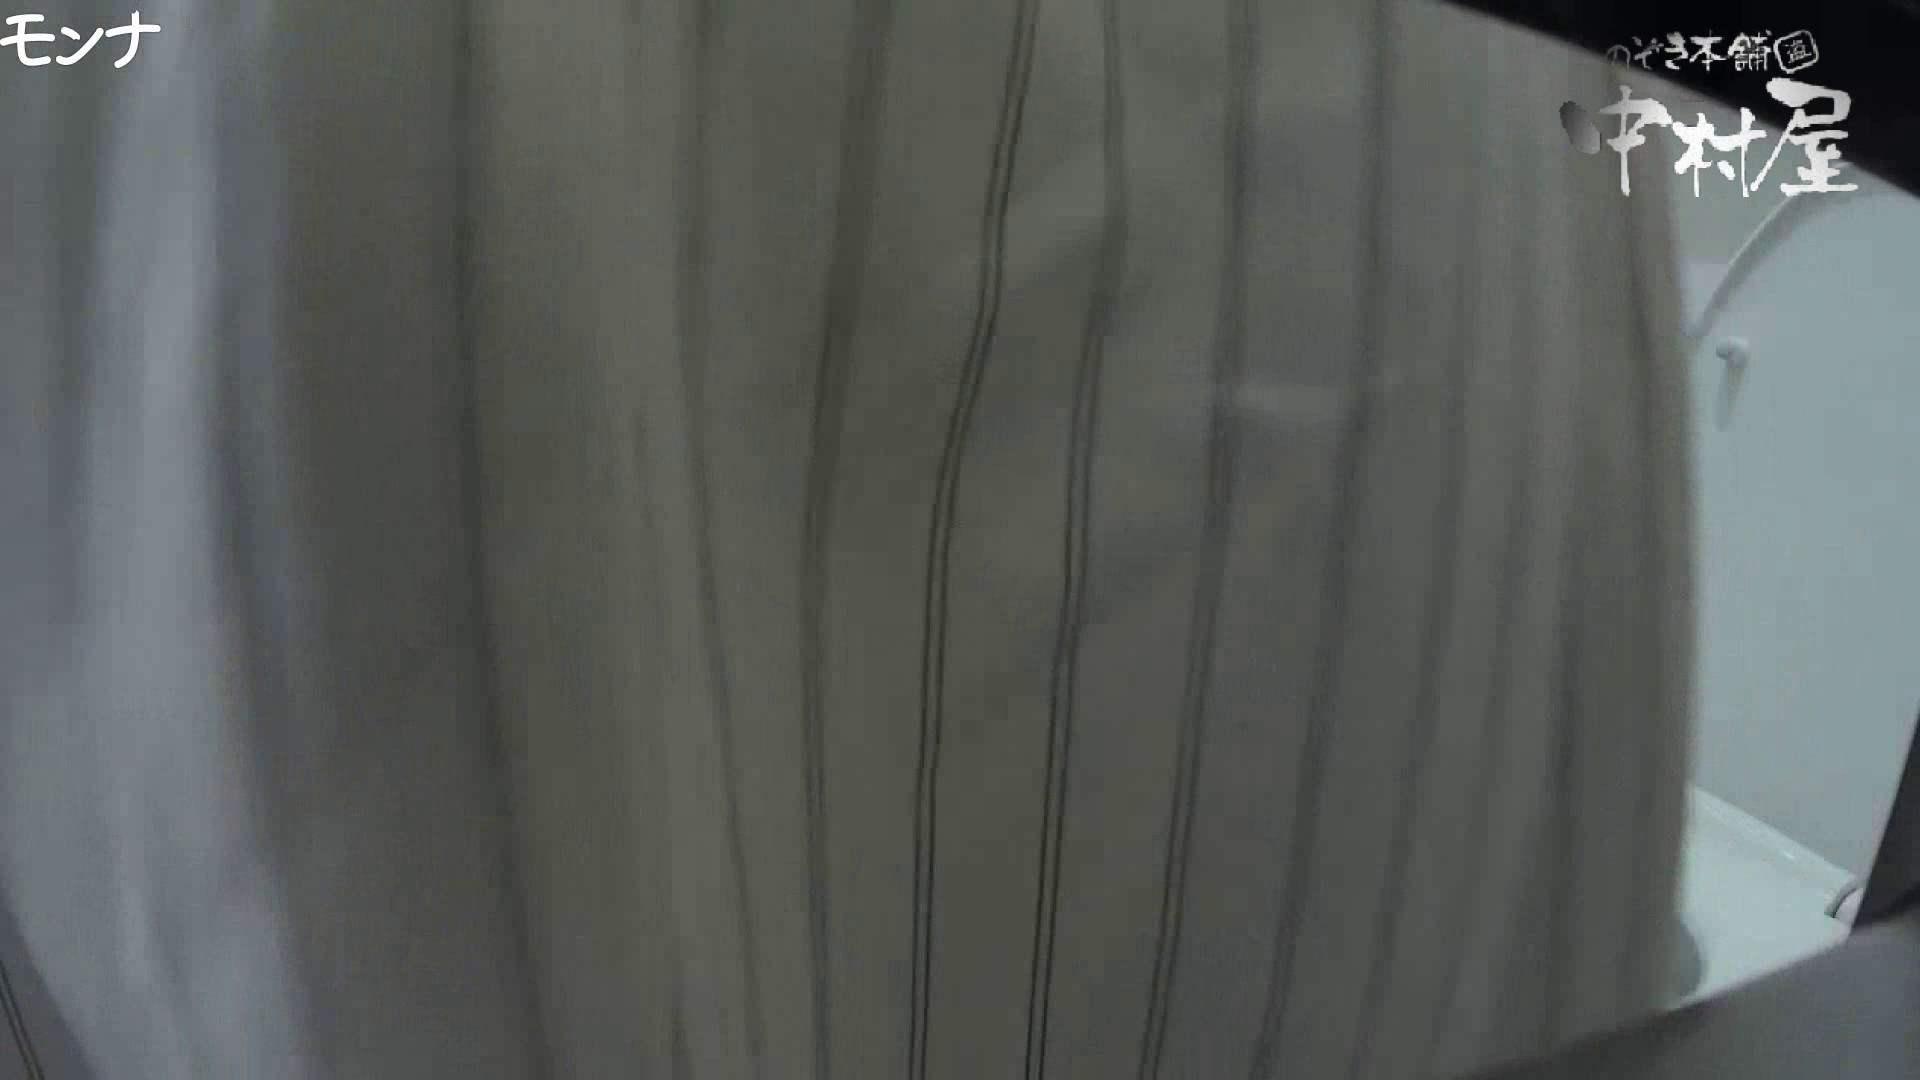 有名大学女性洗面所 vol.65 秘技!!マルチアングル天井撮り!! 潜入 ヌード画像 106PIX 87